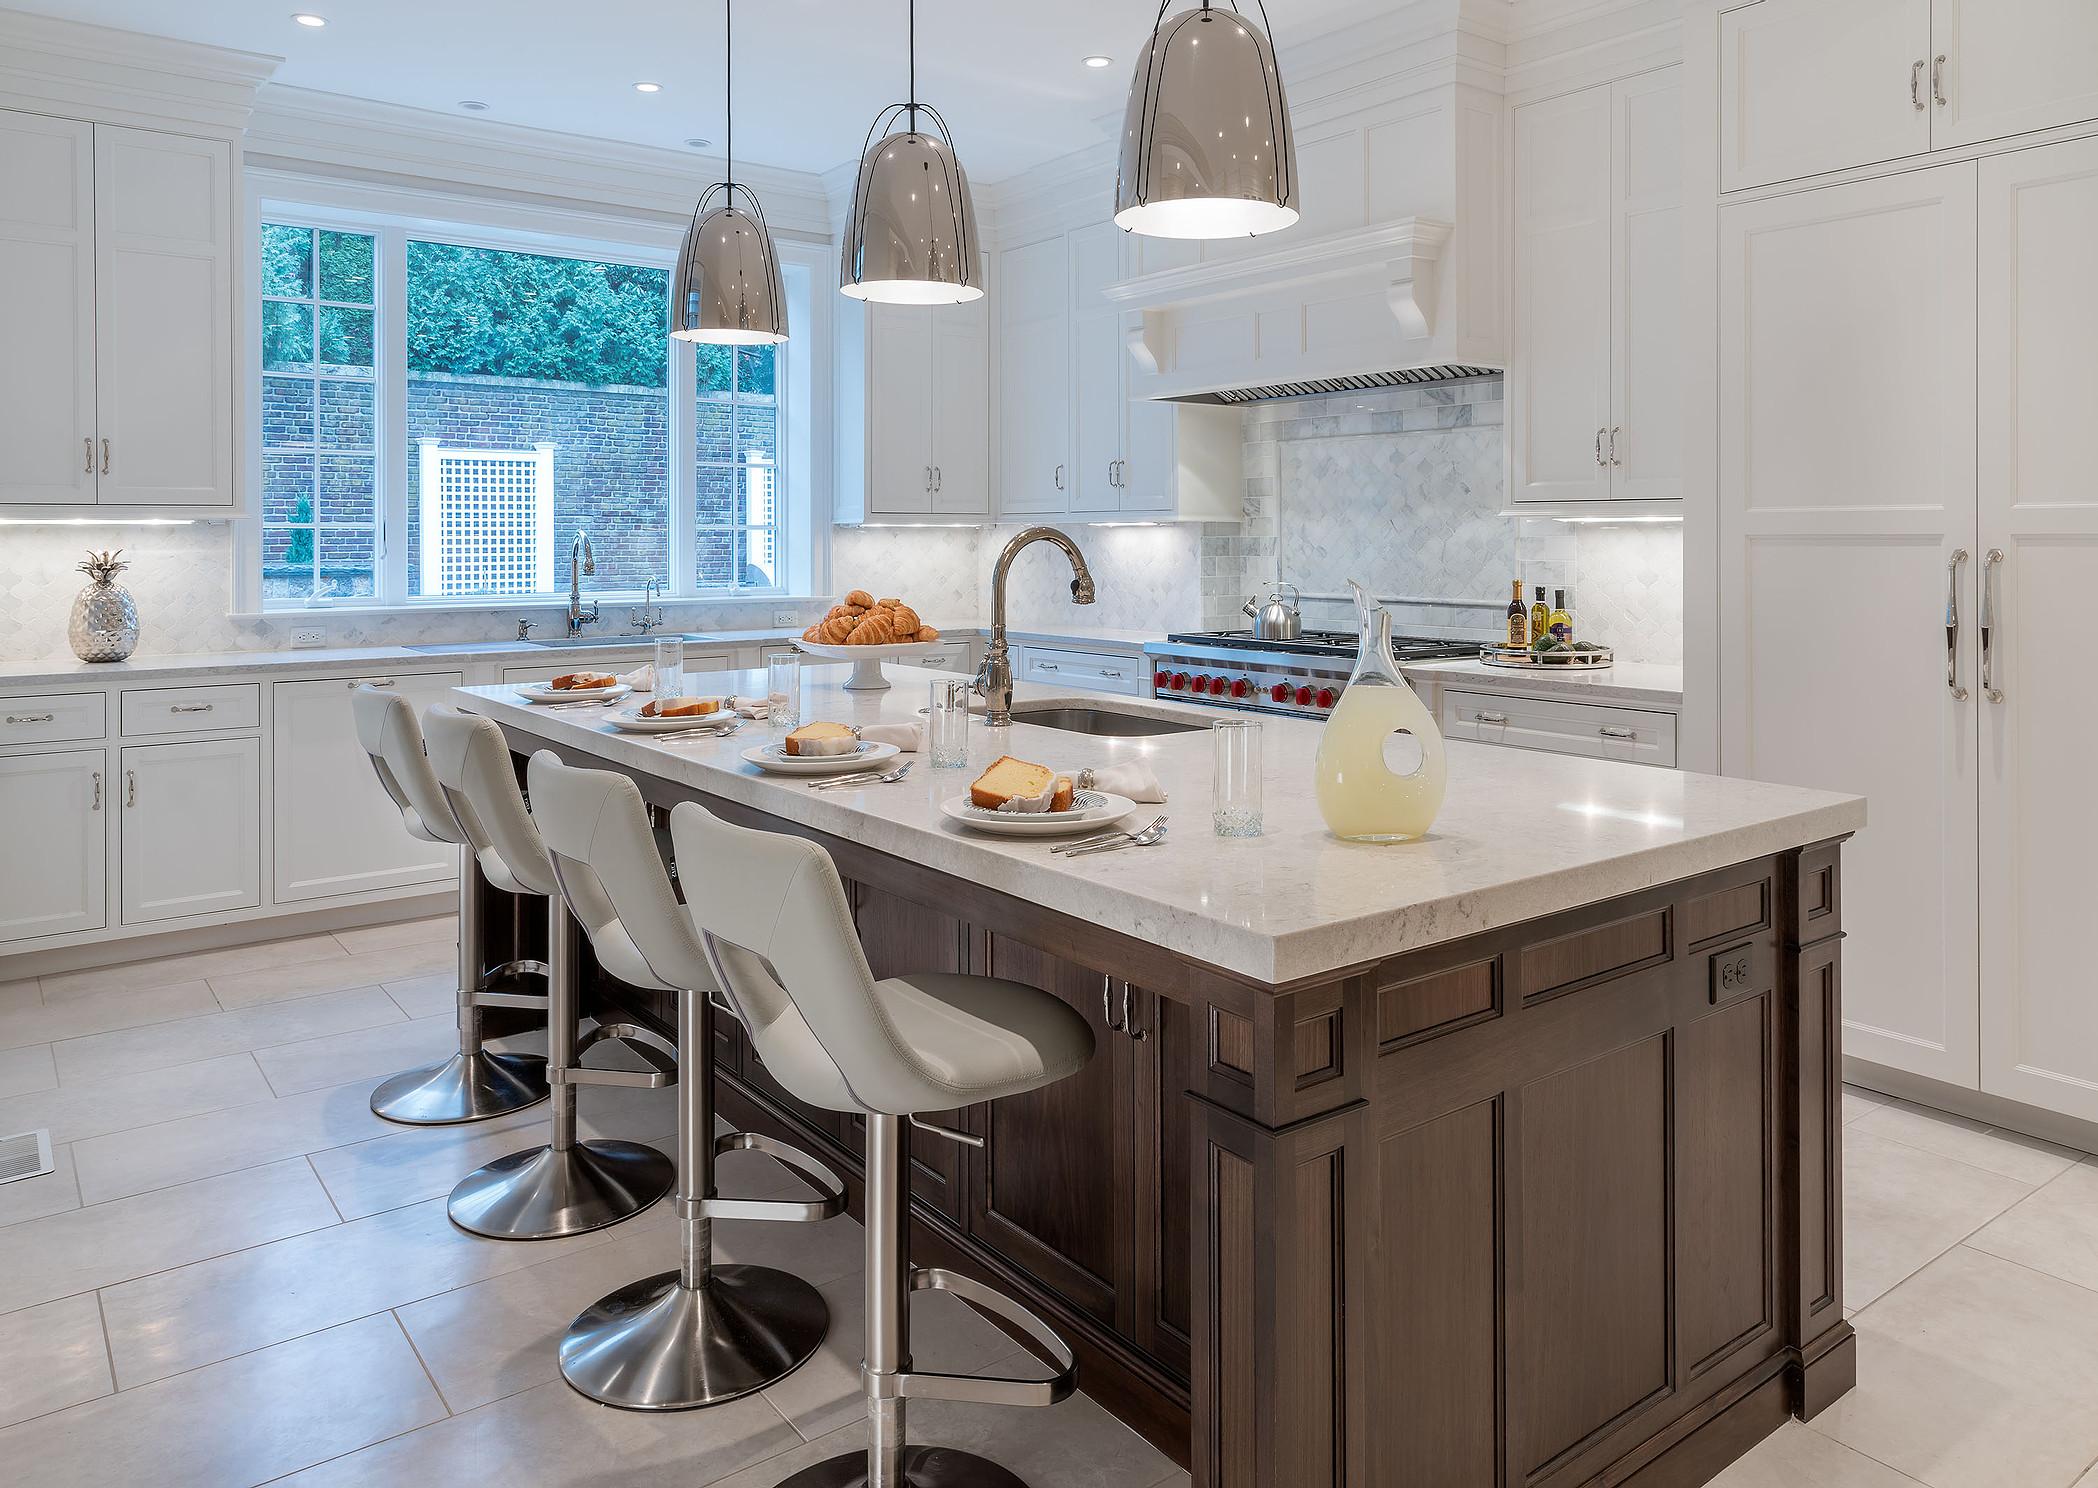 kitchen renovation in brookline, massachusetts